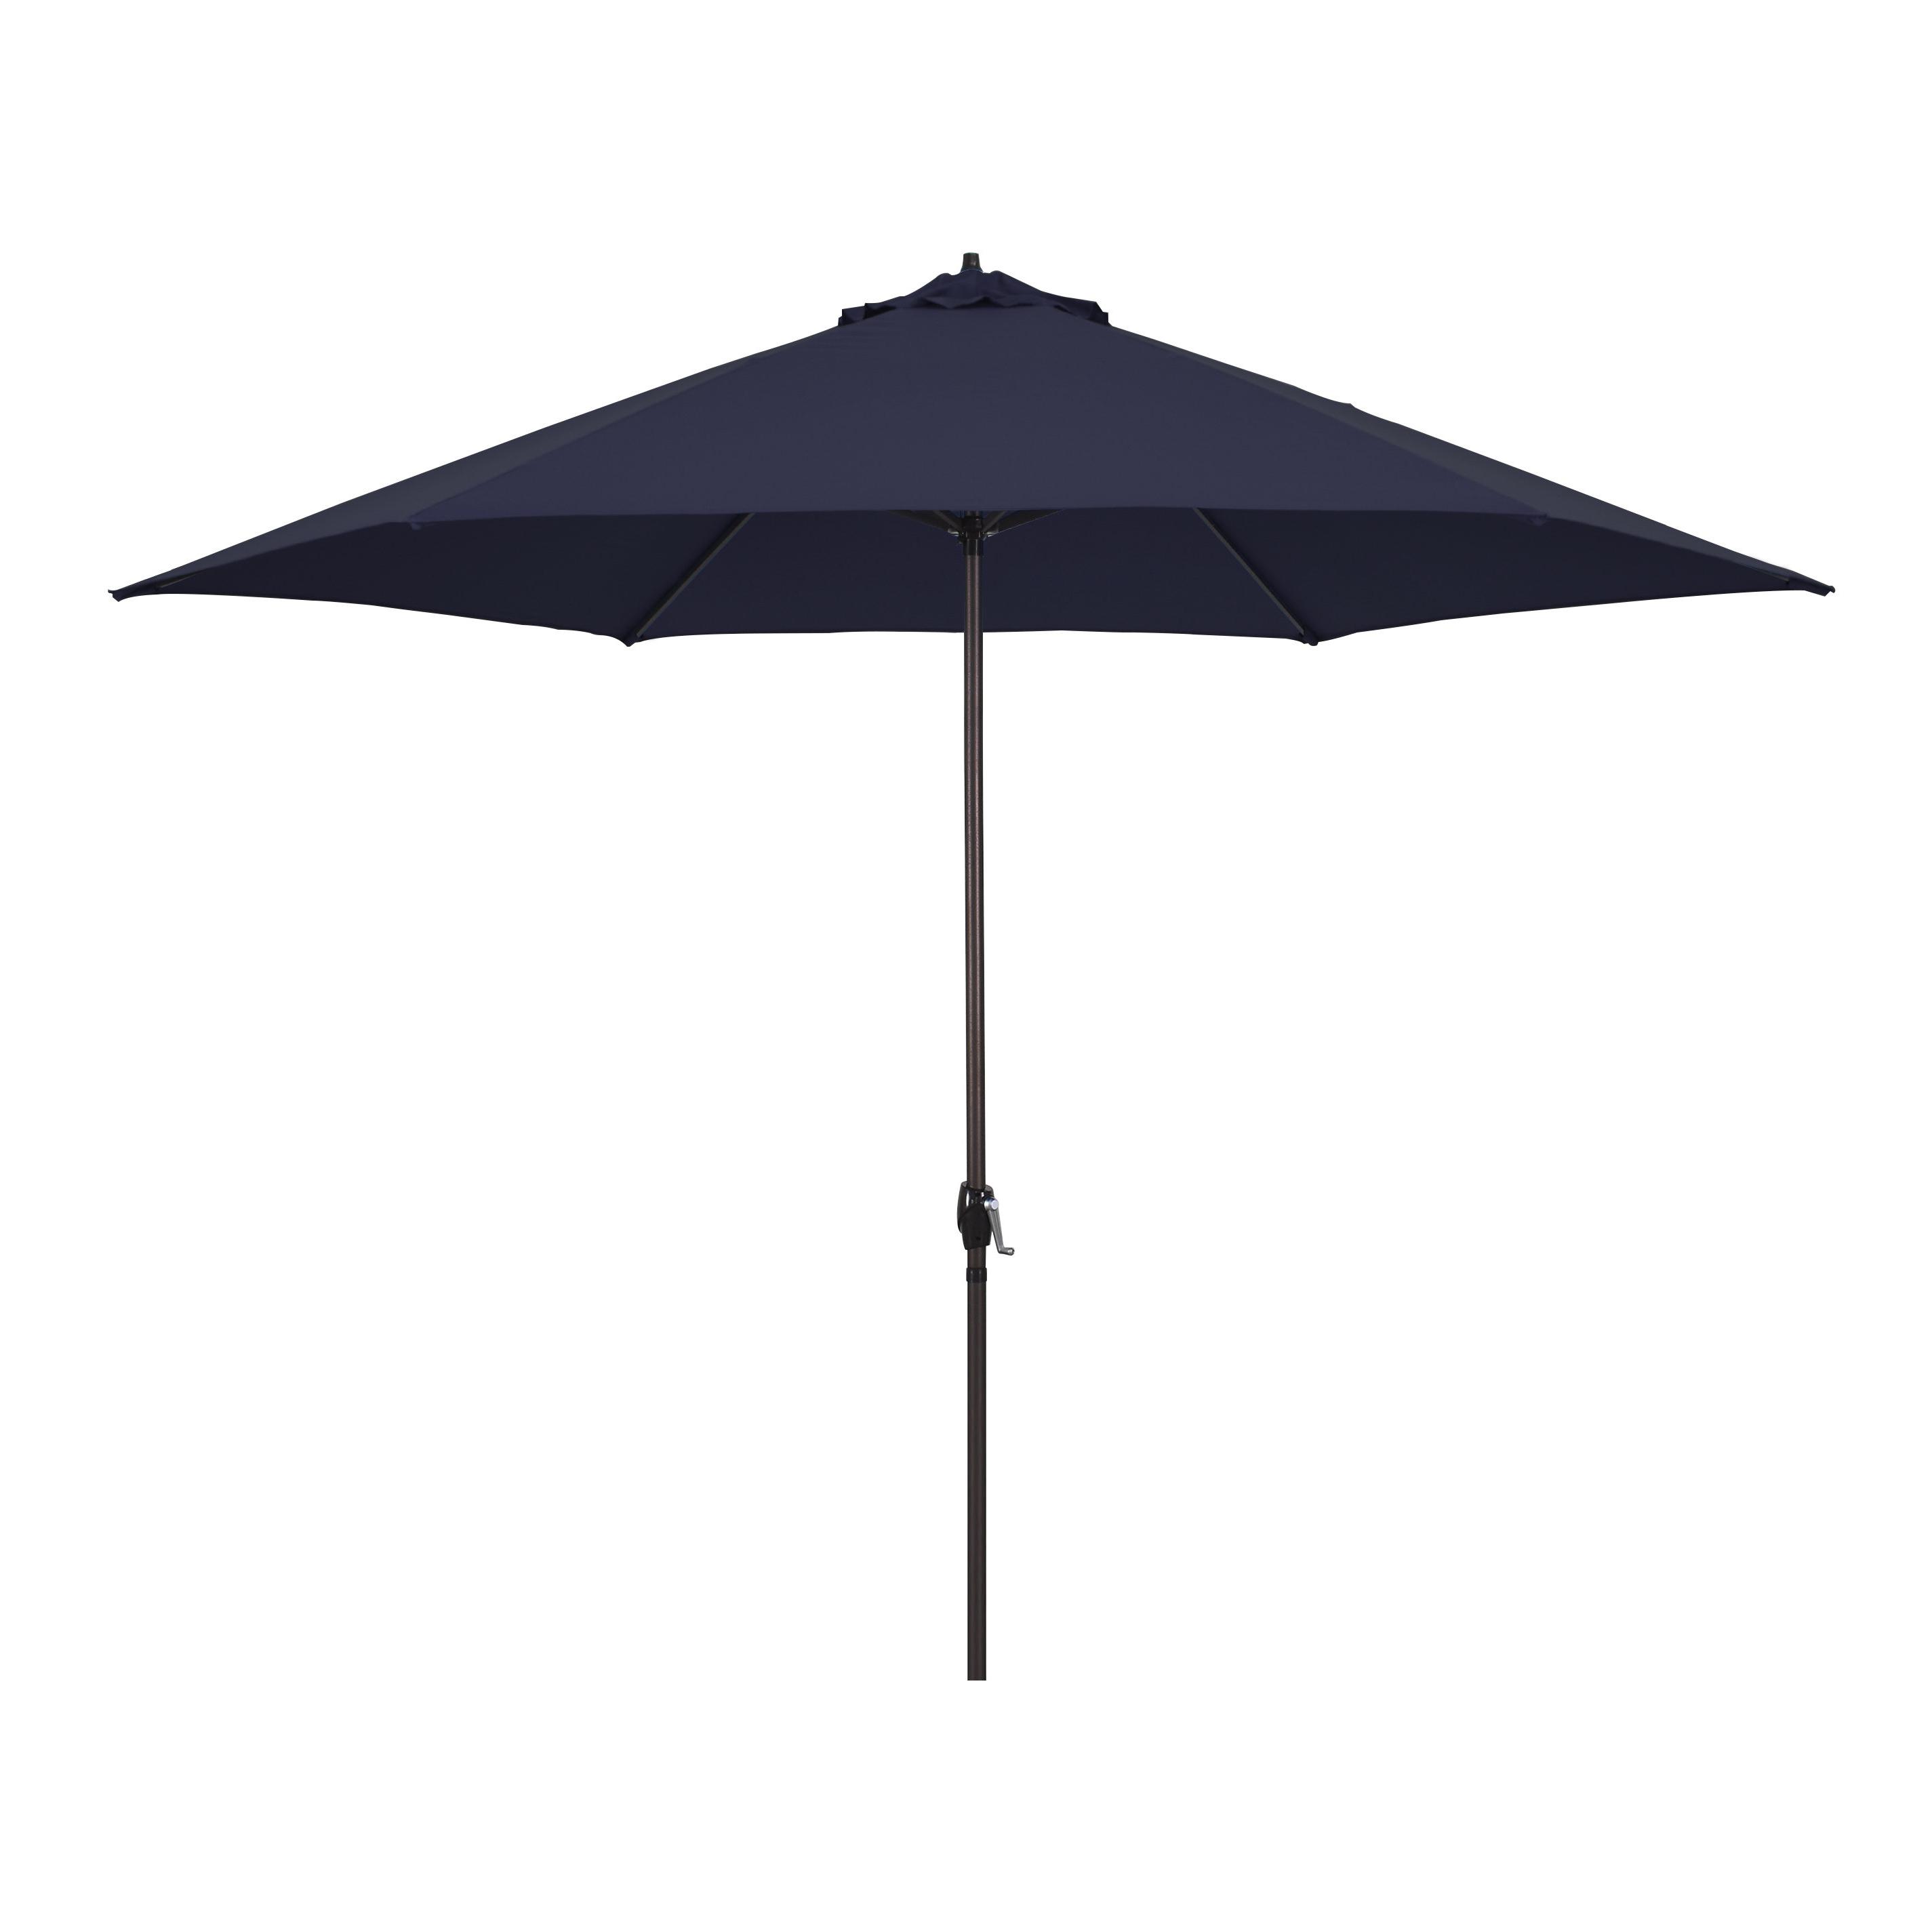 Launceston Market Umbrellas Pertaining To Recent Mcdougal 11' Market Umbrella (Gallery 11 of 20)